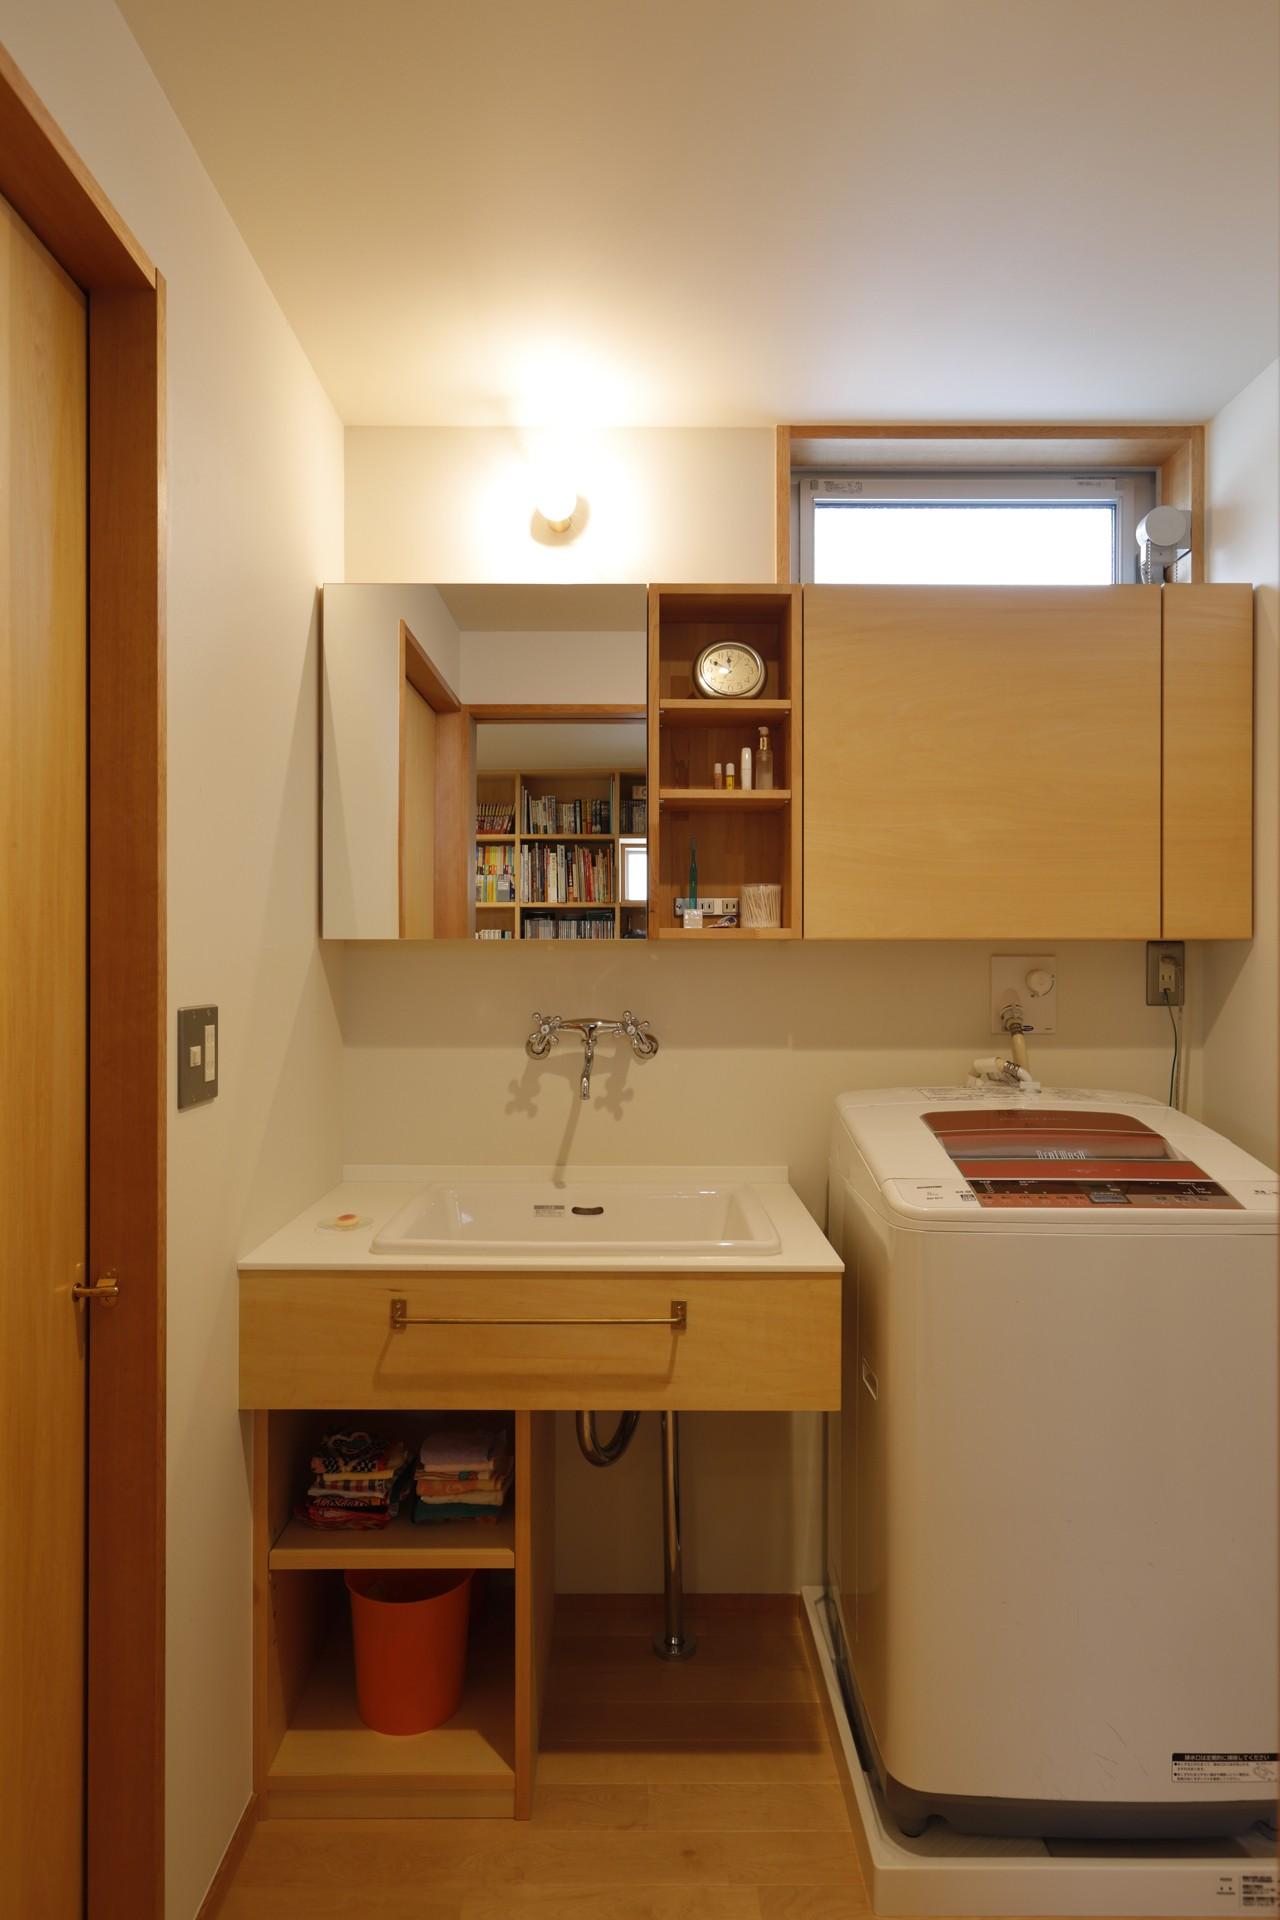 バス/トイレ事例:洗面所(ゆるやかに暮らす家)